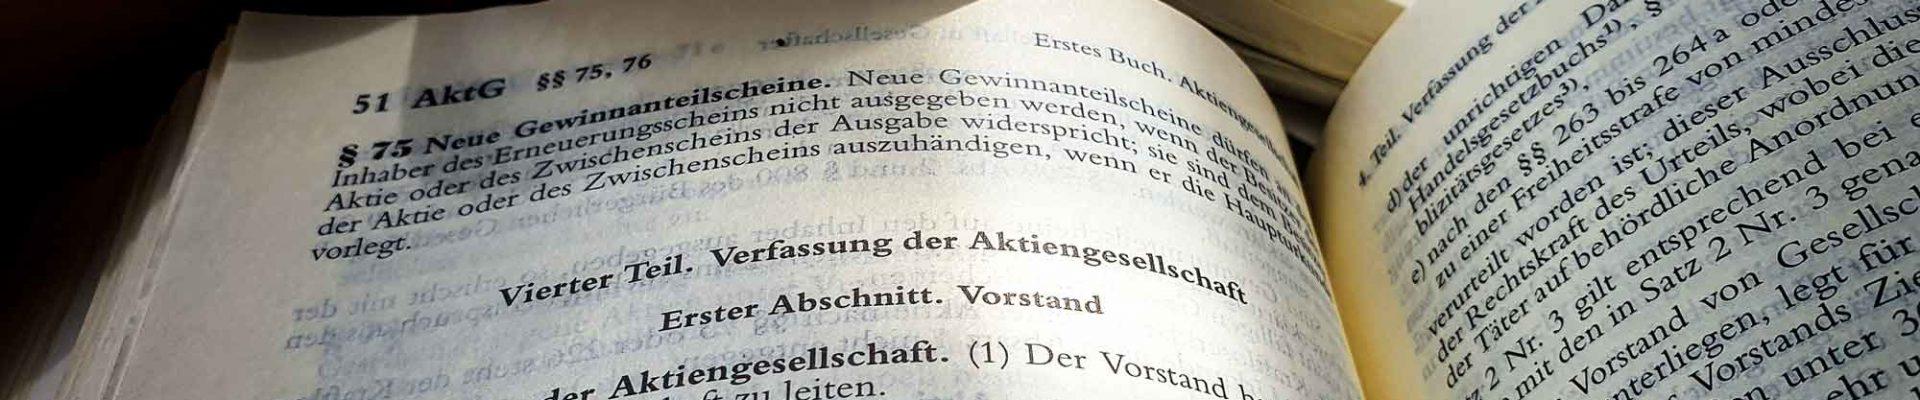 Organe einer Aktiengesellschaft Ilja-Schlak.de